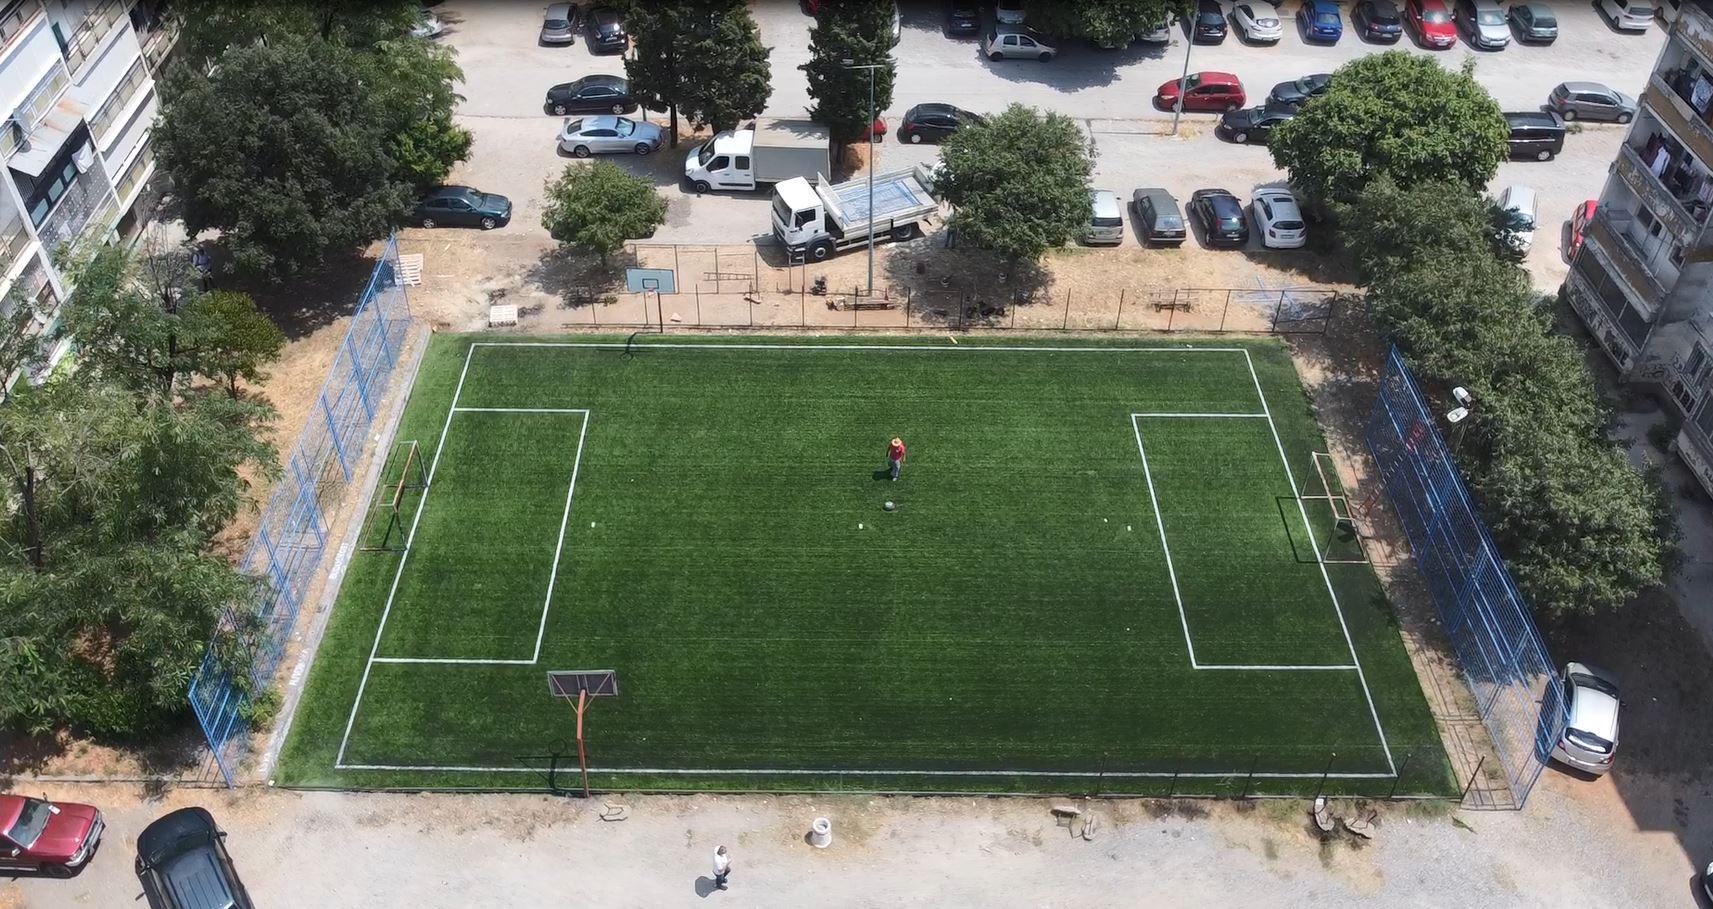 Glavni grad nastavlja da ulaže u sportsku infrastrukturu; Obnovljeni sportski poligoni na nekoliko lokacija